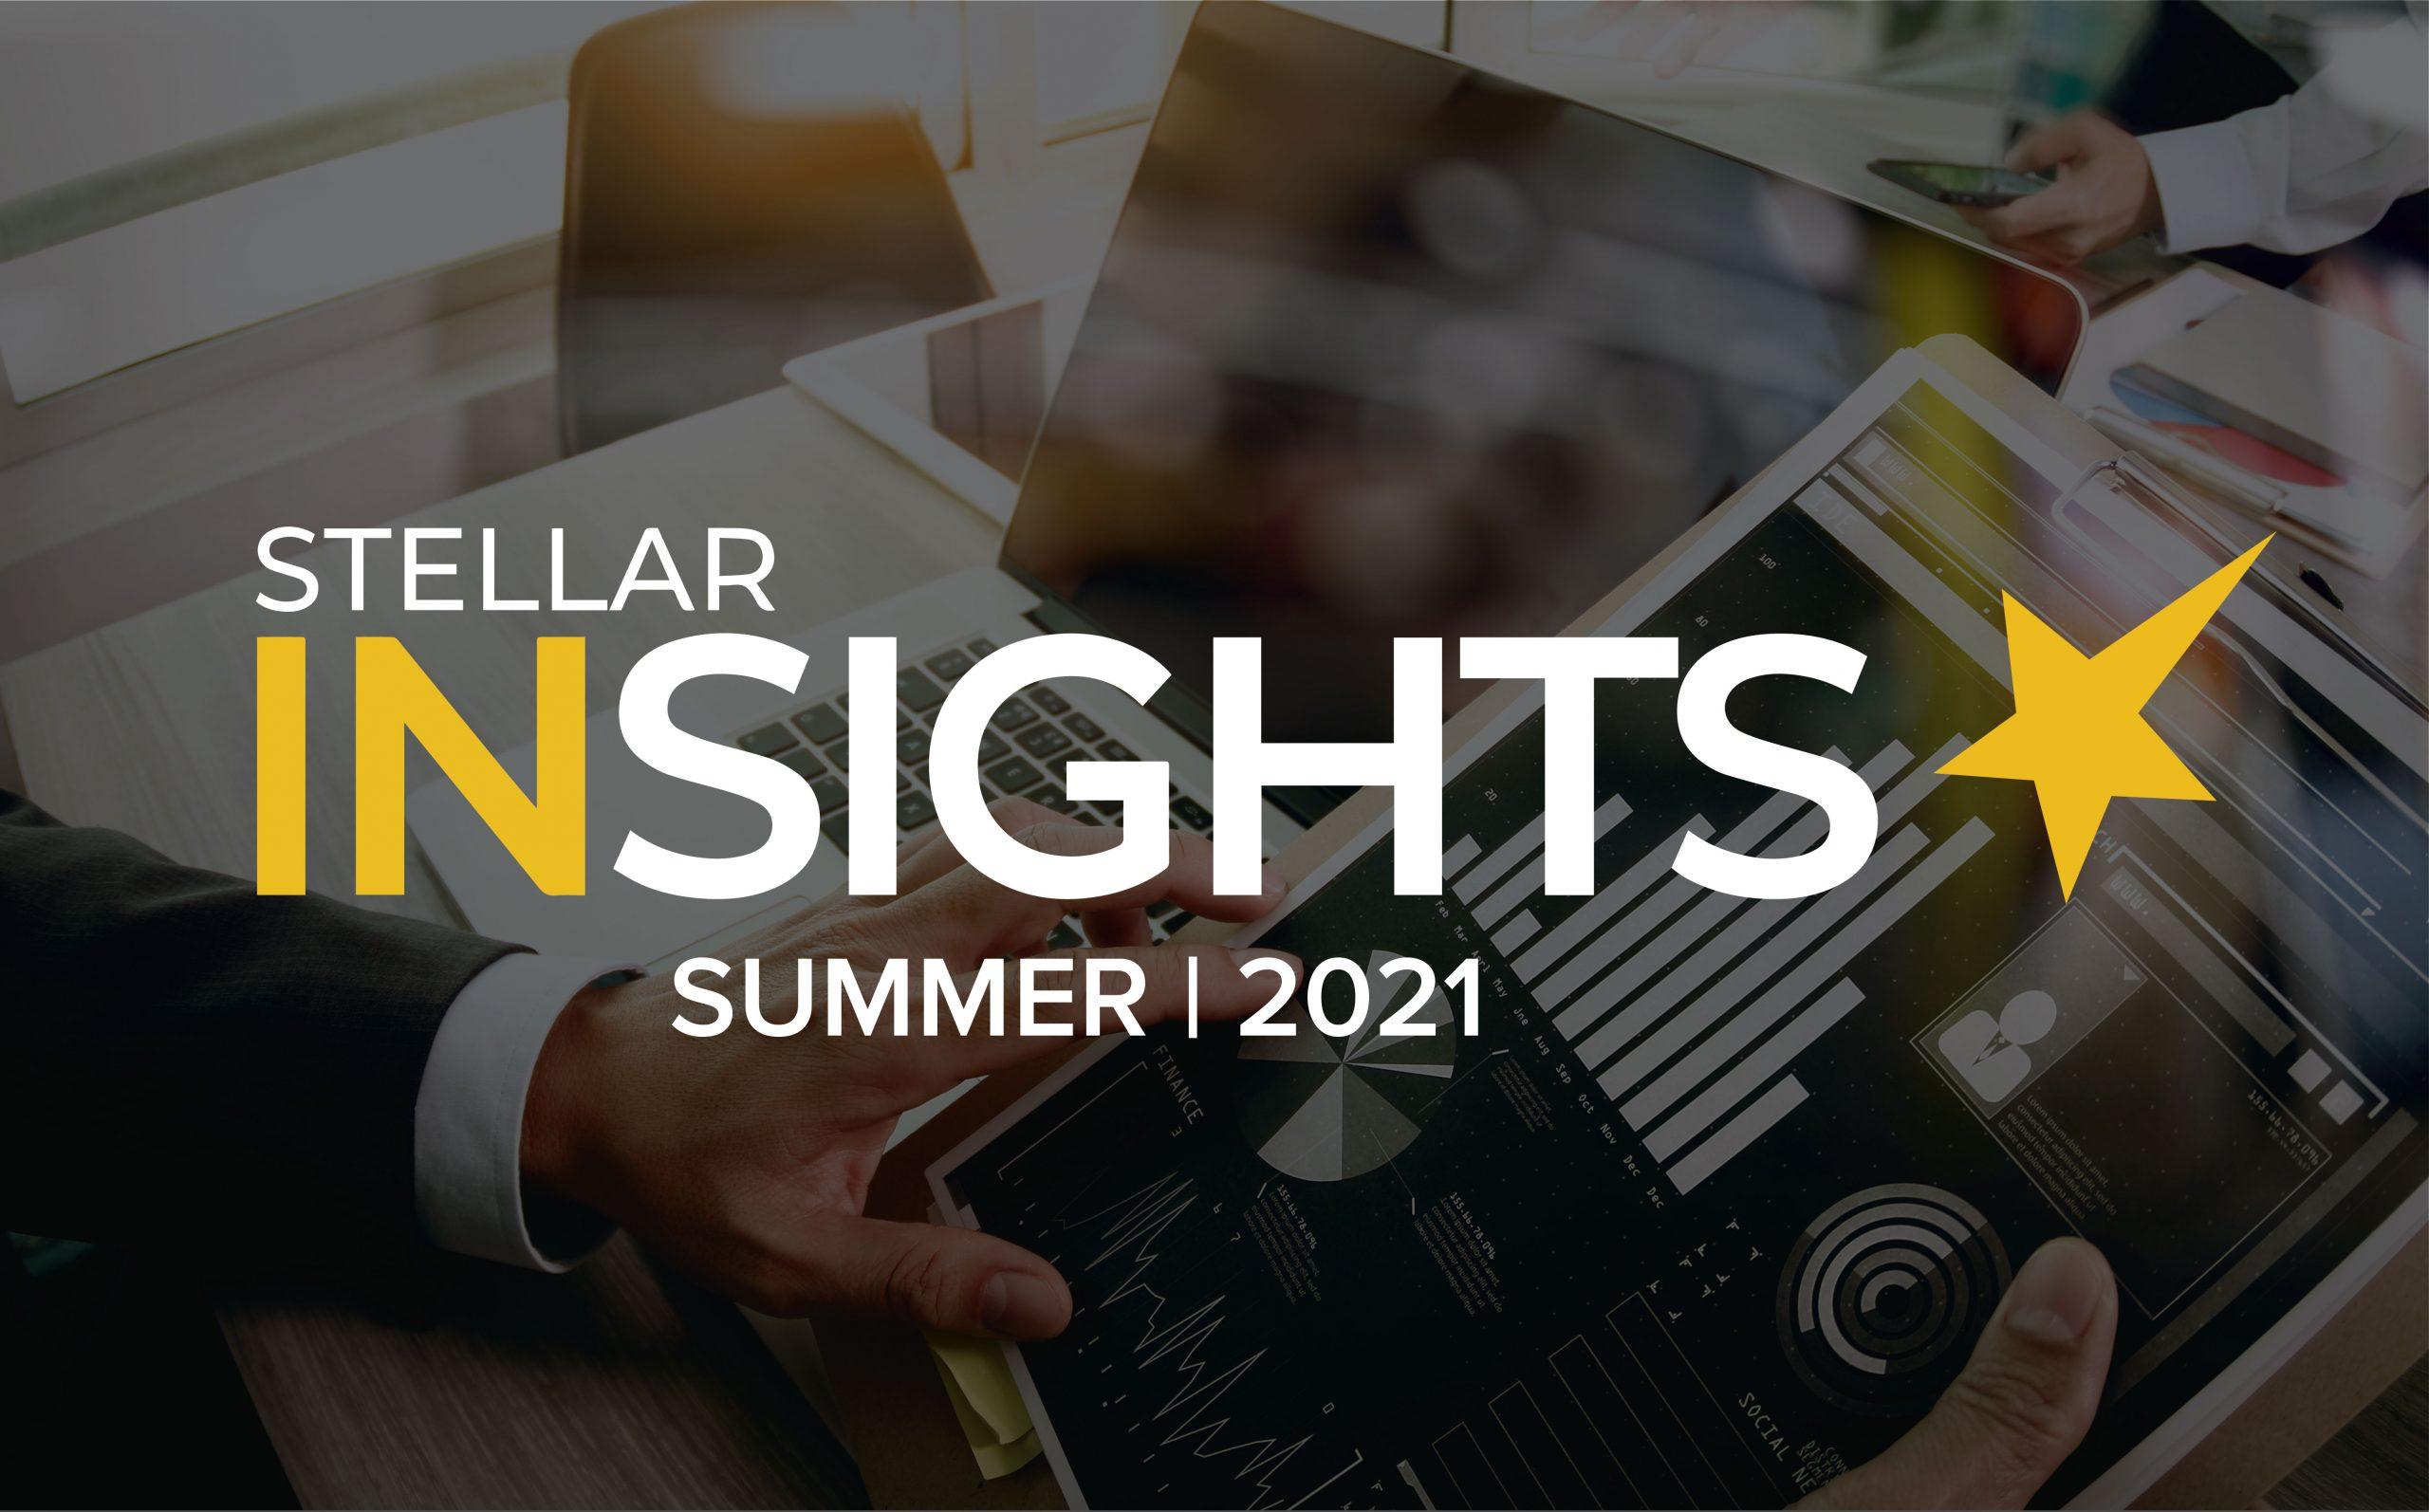 Stellar Insights Summer 2021